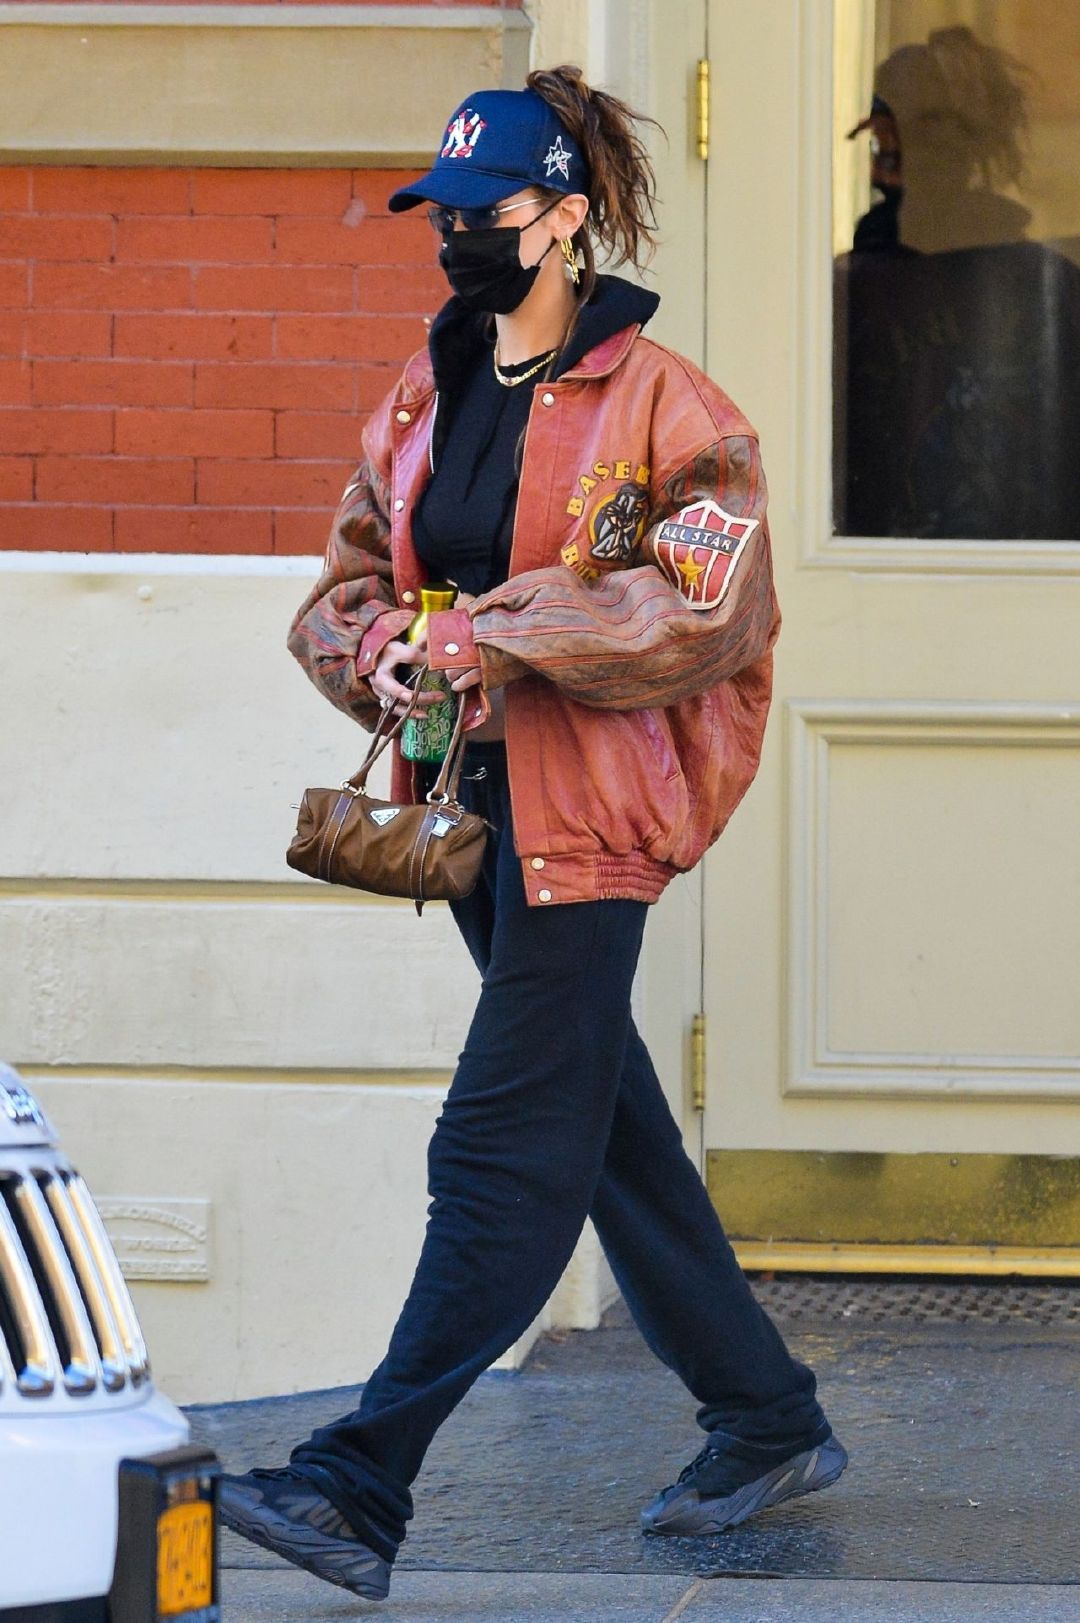 贝拉·哈迪德(Bella Hadid)穿着露脐内衣-纽约市11/20/2020